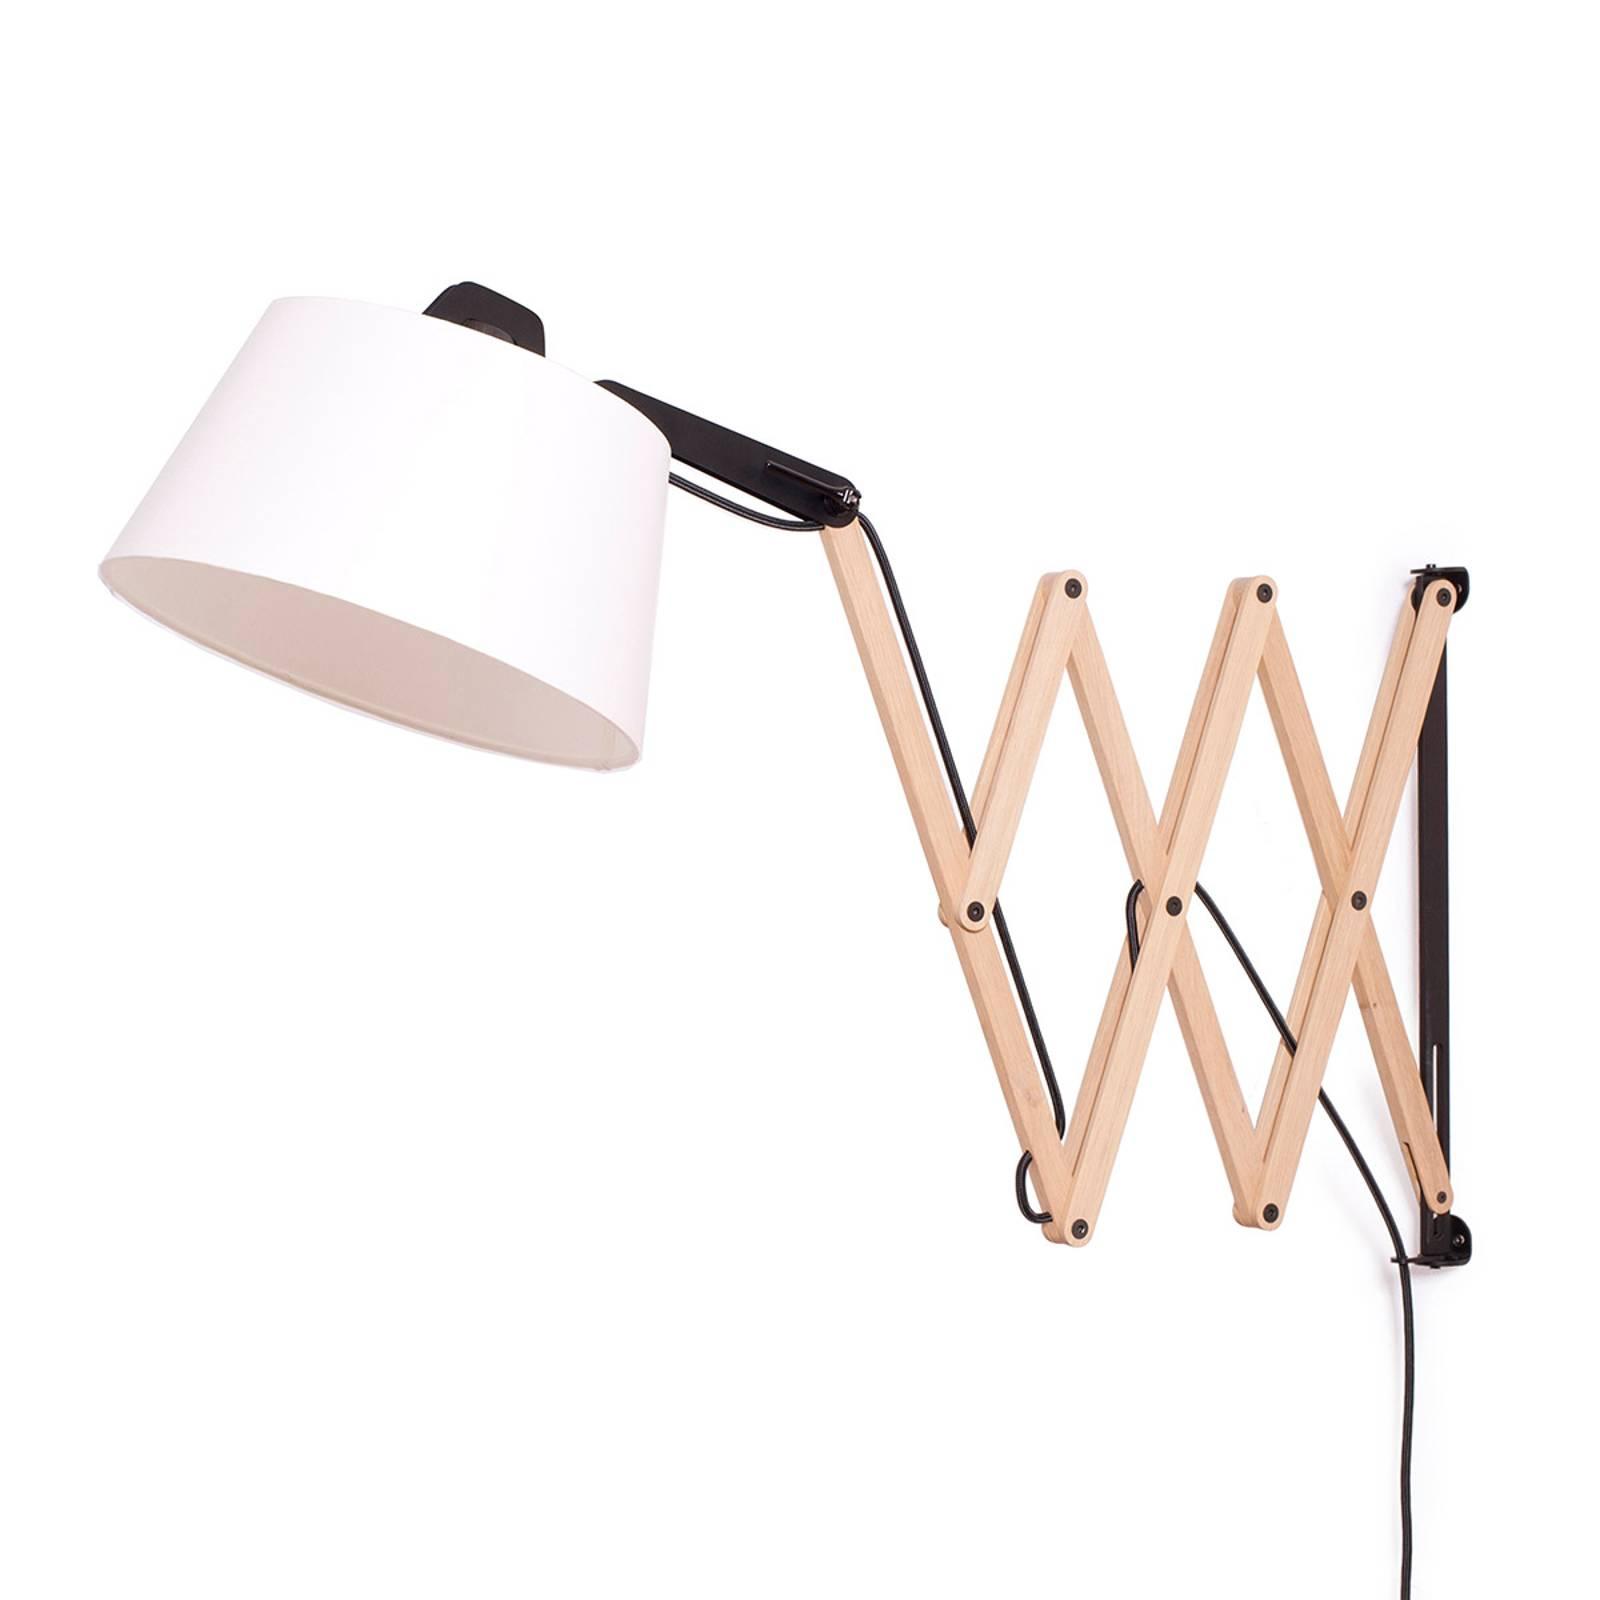 Wandlamp Edward met schaararm, ivoor